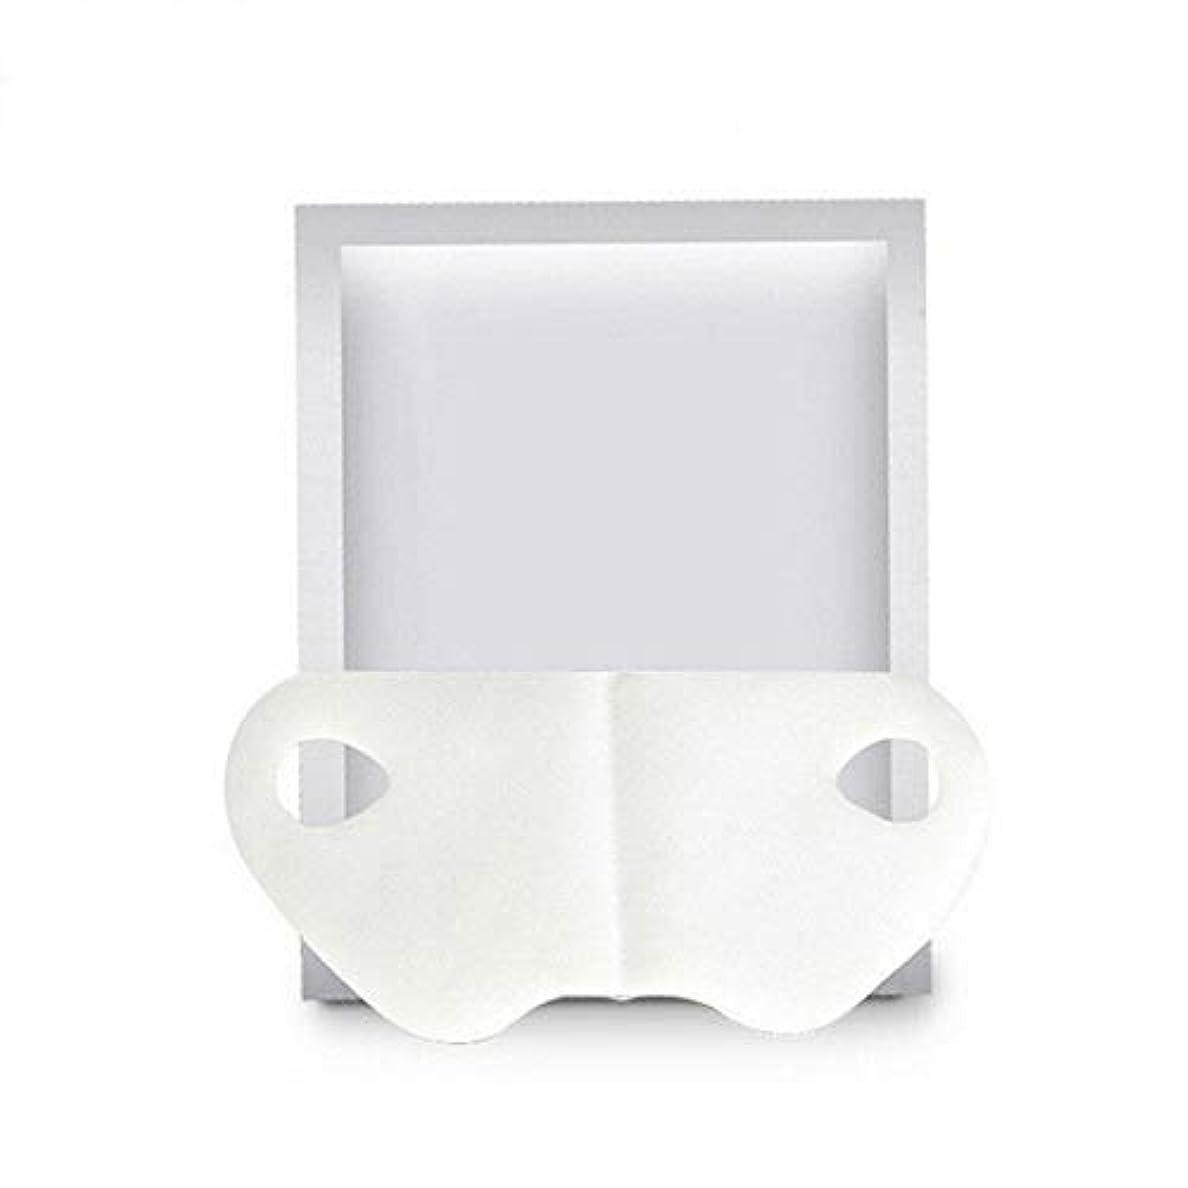 赤ちゃん装備する興奮するFuntoget   保湿フェイスファーミングマスクをホワイトニングするV字型スリミングフェイスマスク